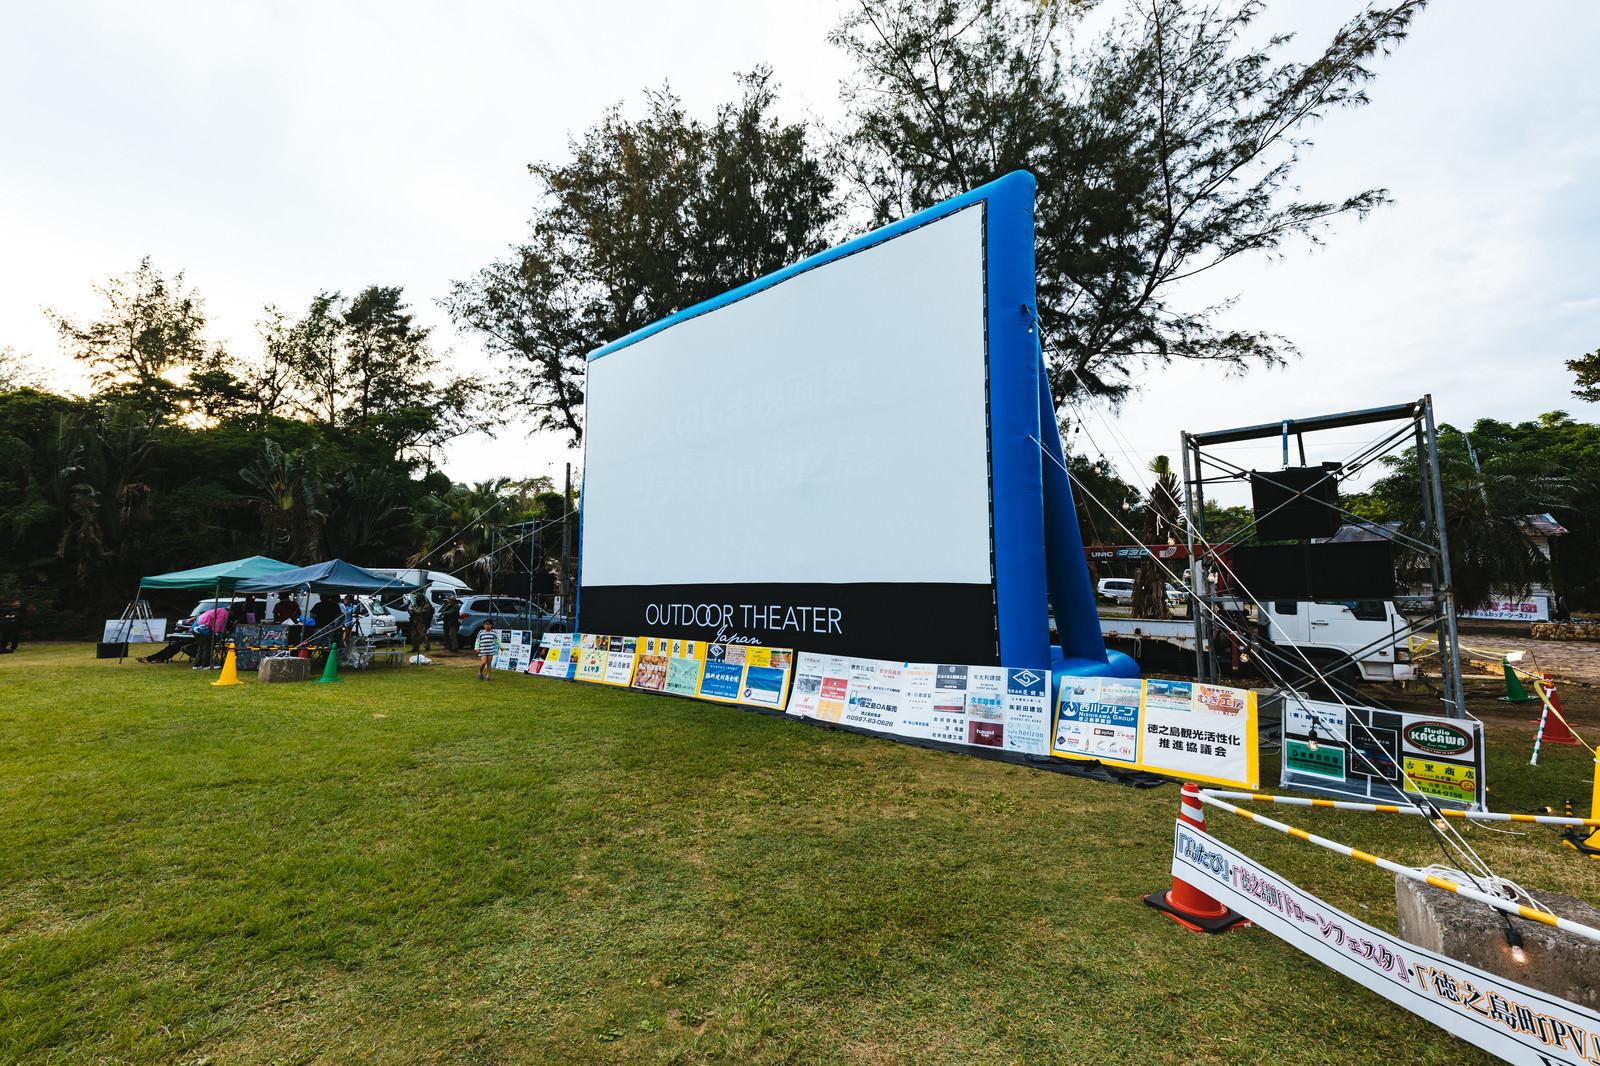 「徳之島黒砂糖まつりで開催したアウトドアシアターの巨大スクリーン」の写真